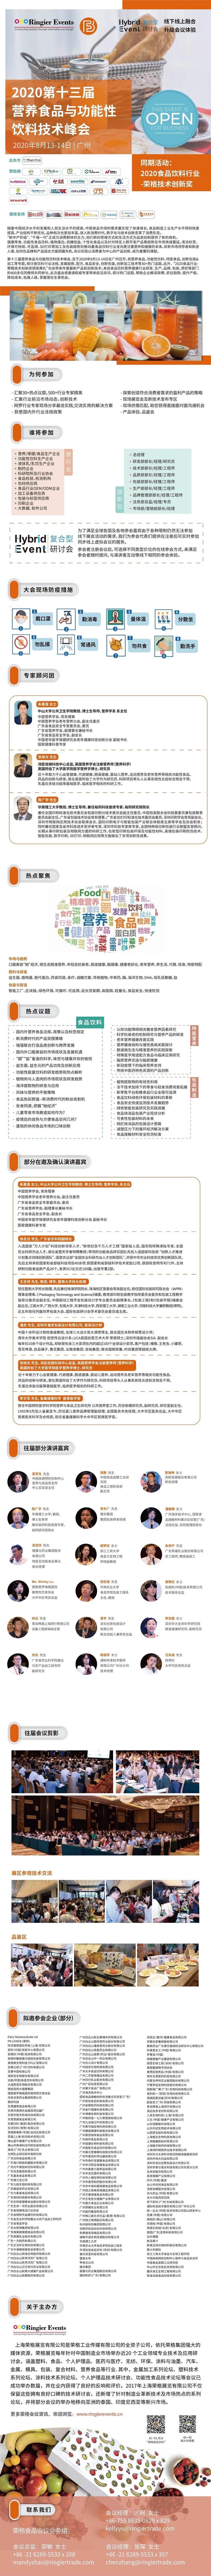 食品手册长图-chs.jpg